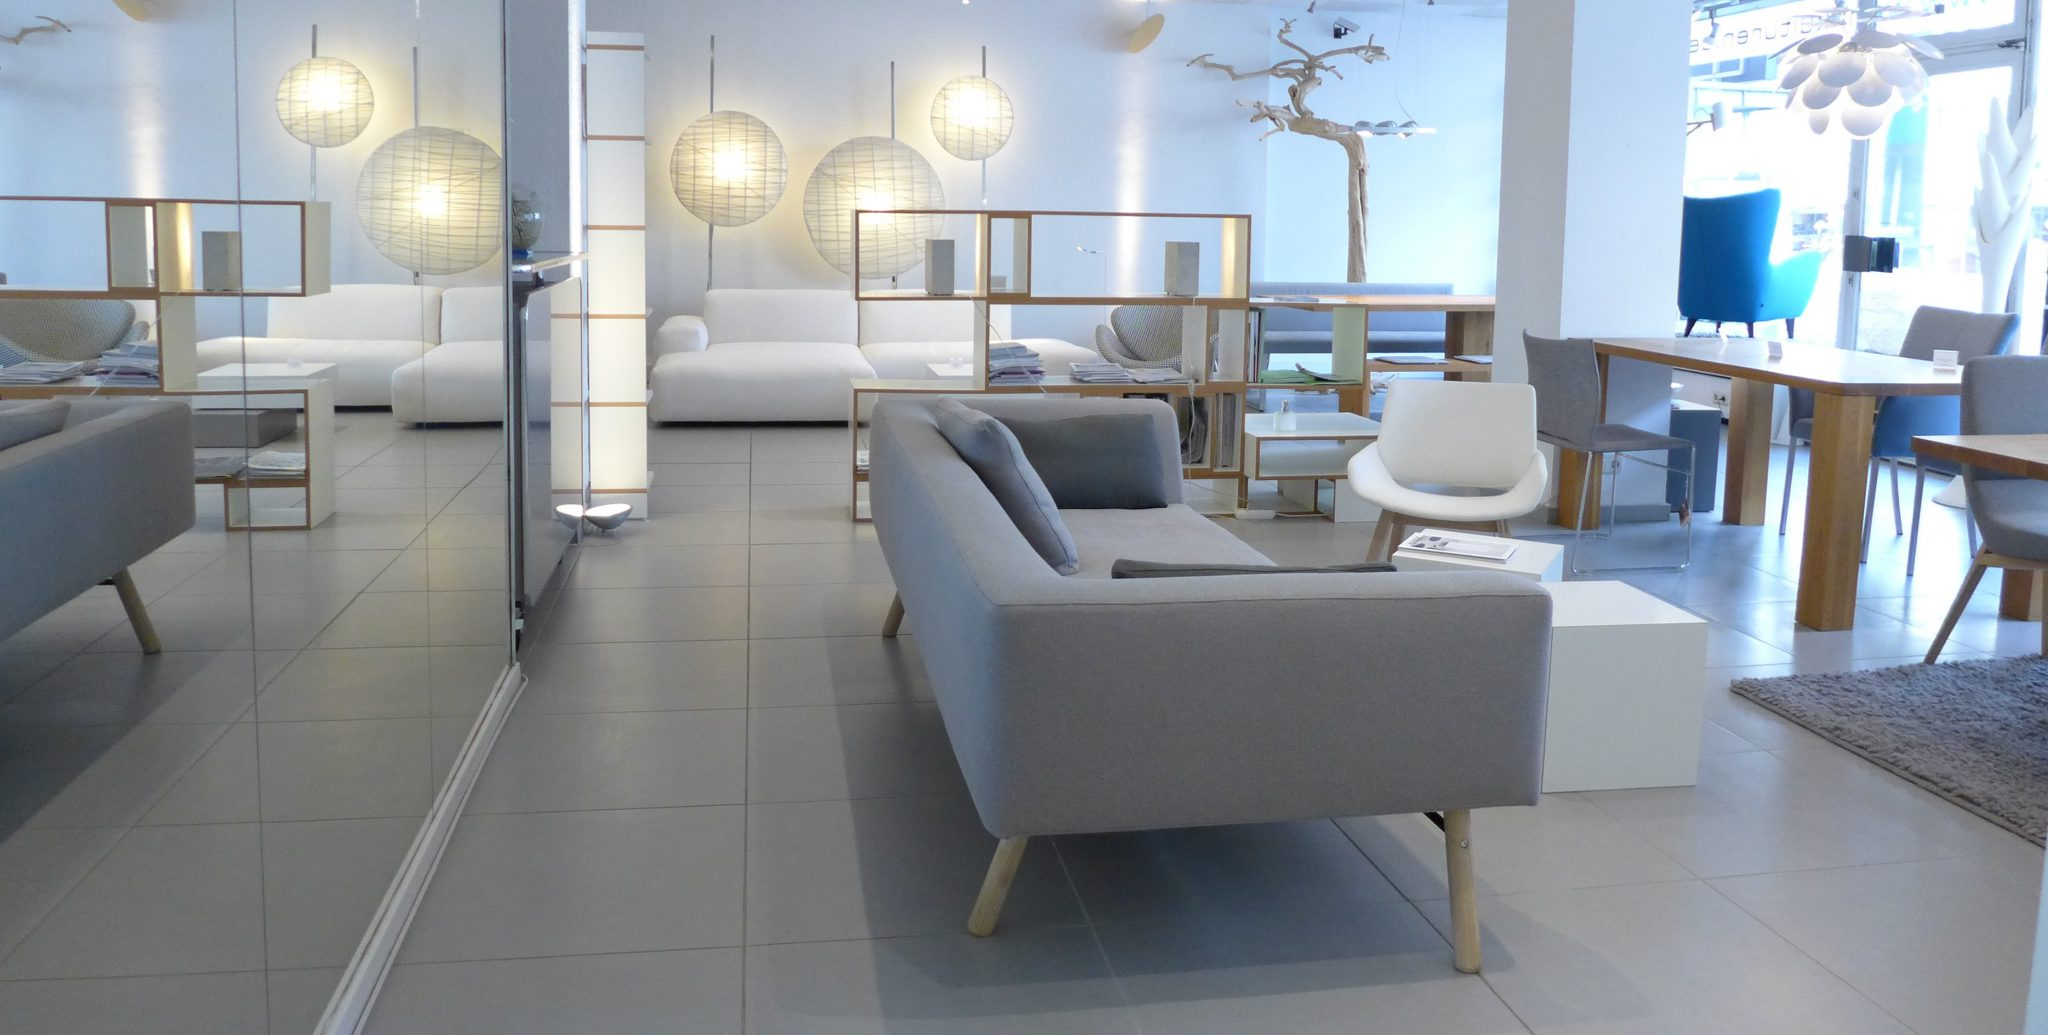 schlafsofas bonn schlafzimmer einrichtungsideen modern billig kleiderschr nke 4jahreszeiten. Black Bedroom Furniture Sets. Home Design Ideas